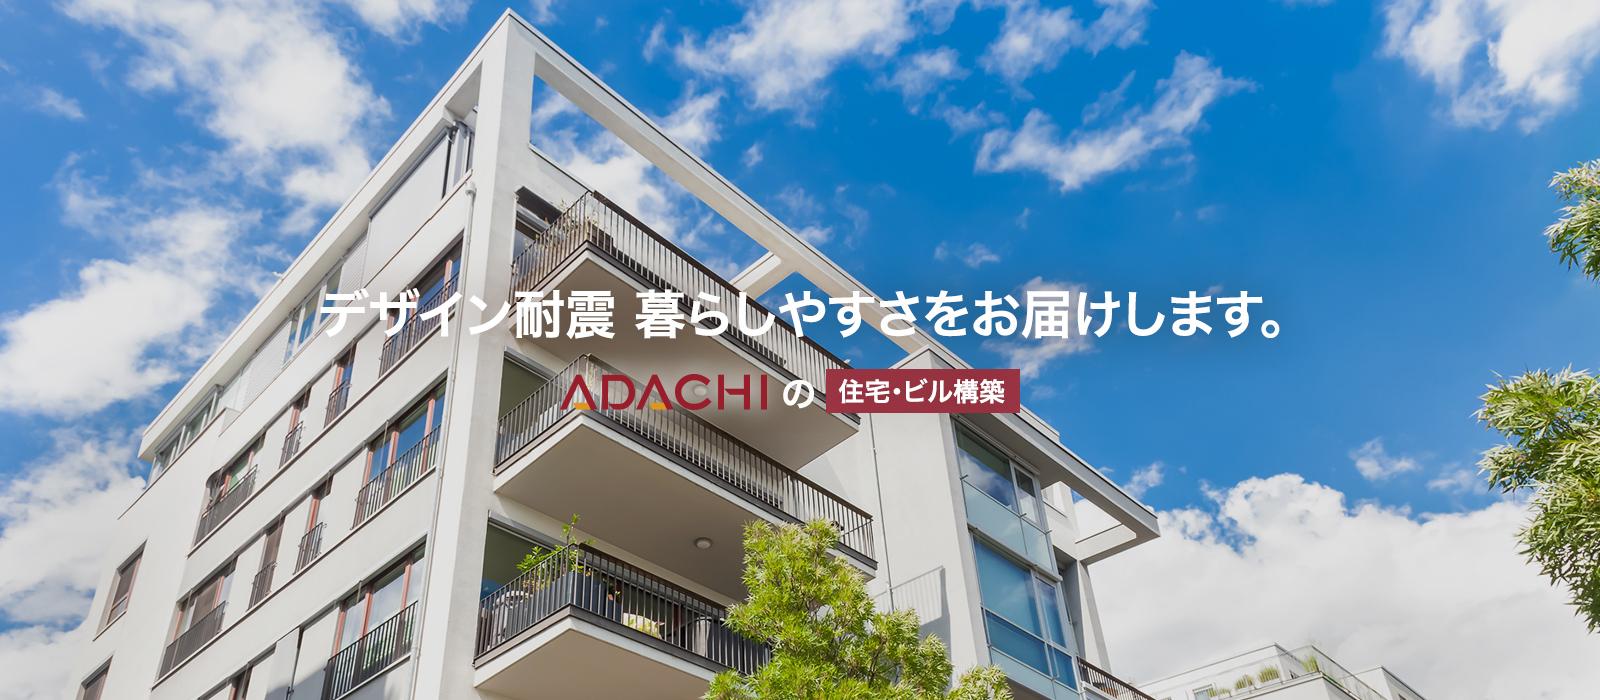 ADACHIのビル・住宅建築